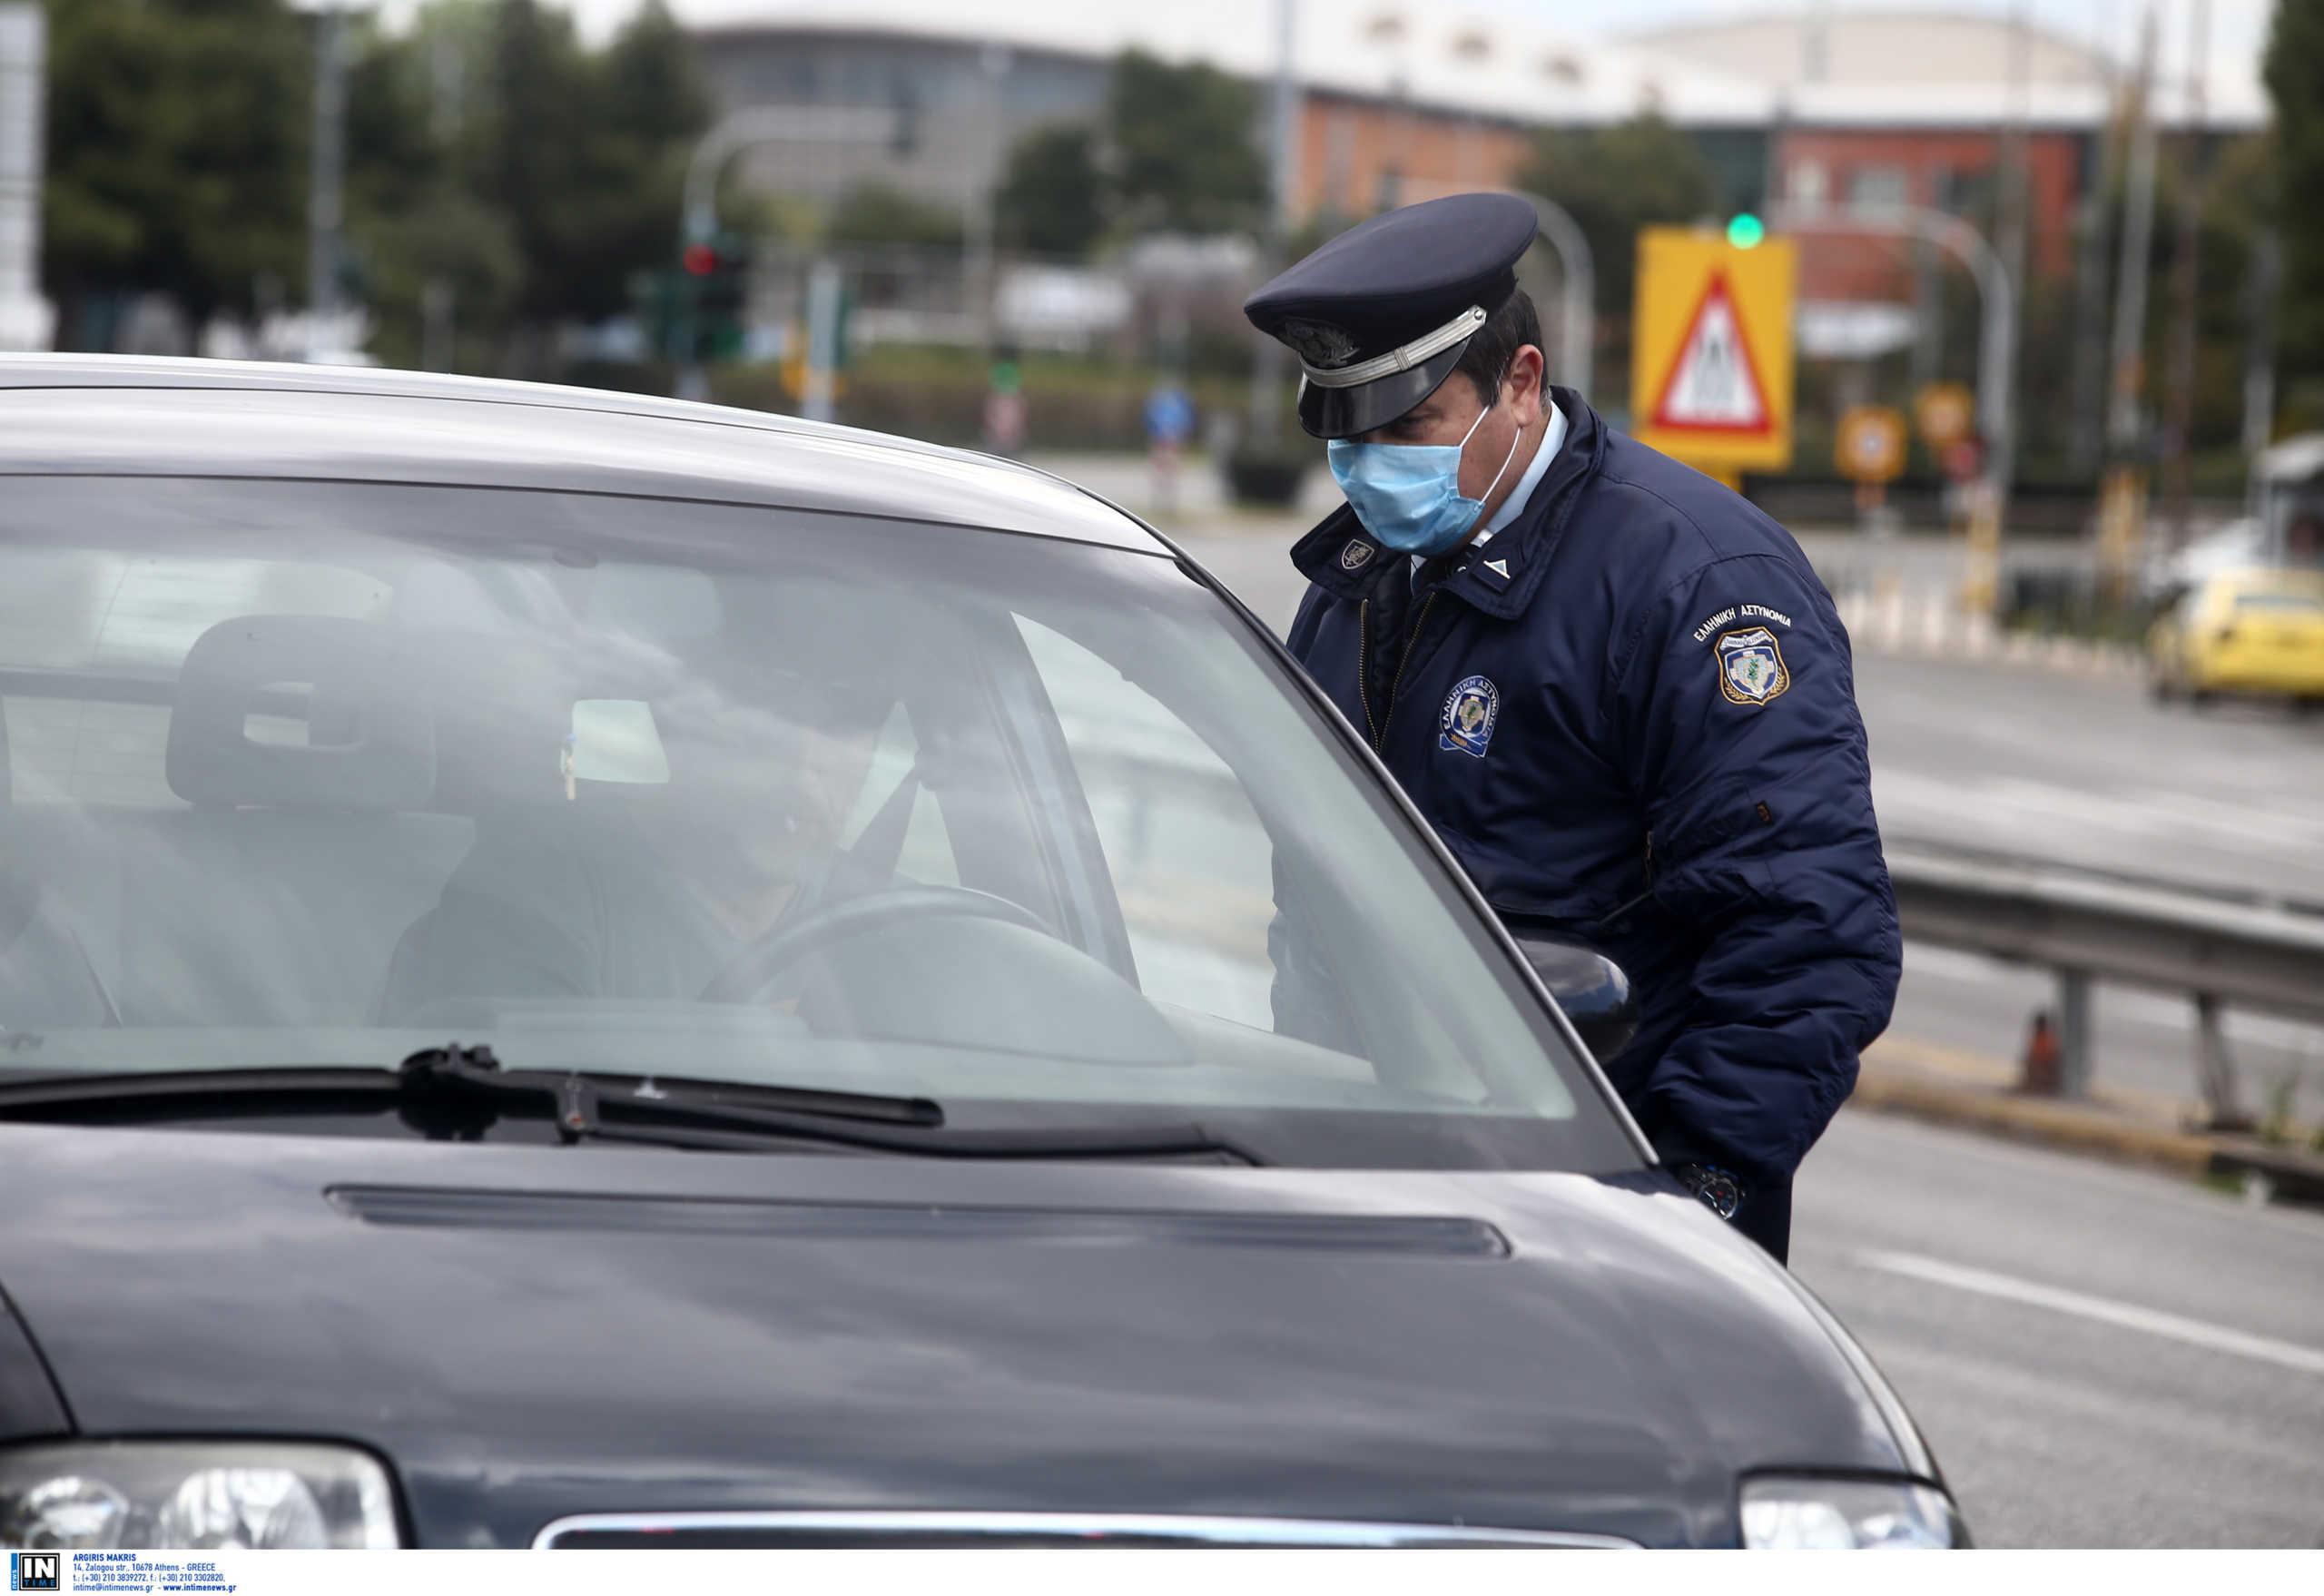 Κορονοϊός: Το προφίλ αυτών που παραβιάζουν τα έκτακτα μέτρα – Τι προκύπτει από τους ελέγχους